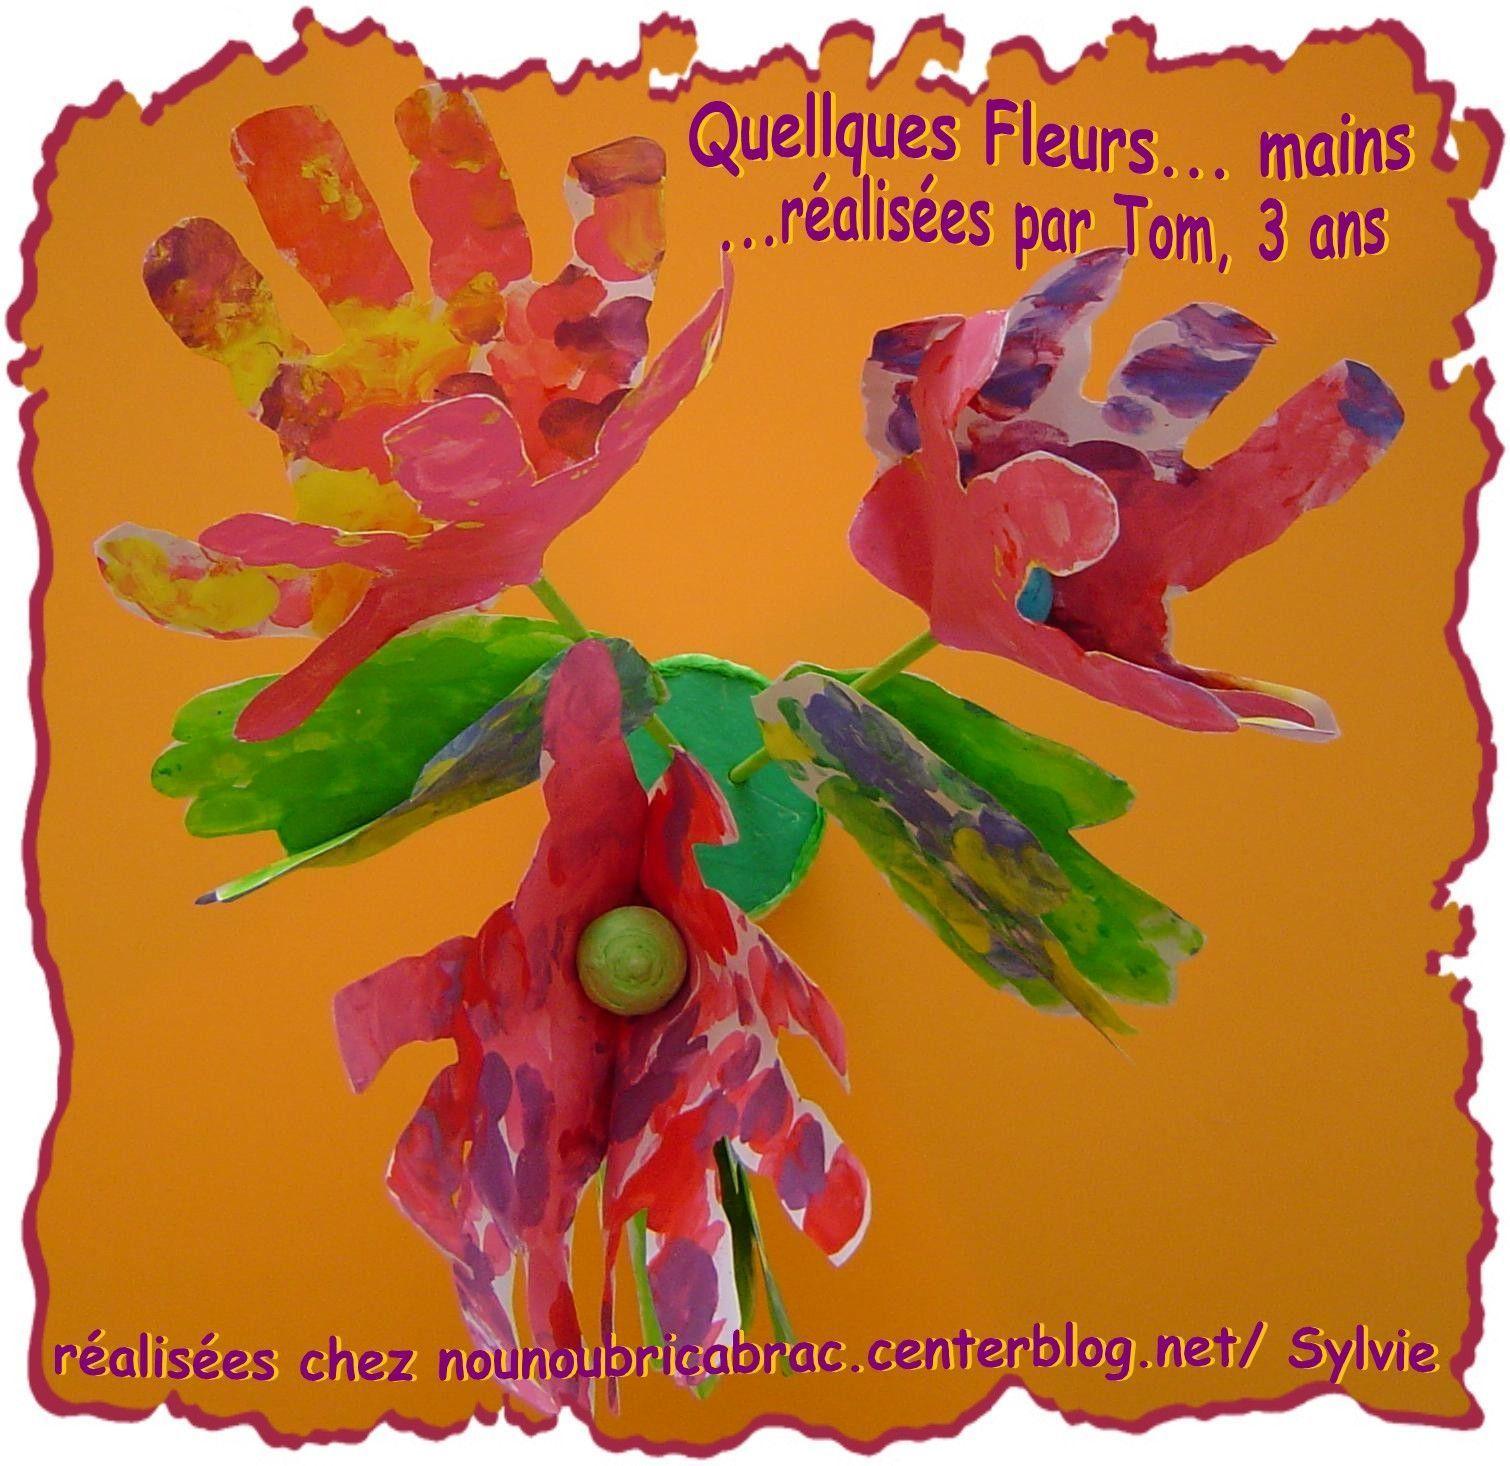 Bouquet de fleurs-mains pour Maman fait  par Tom